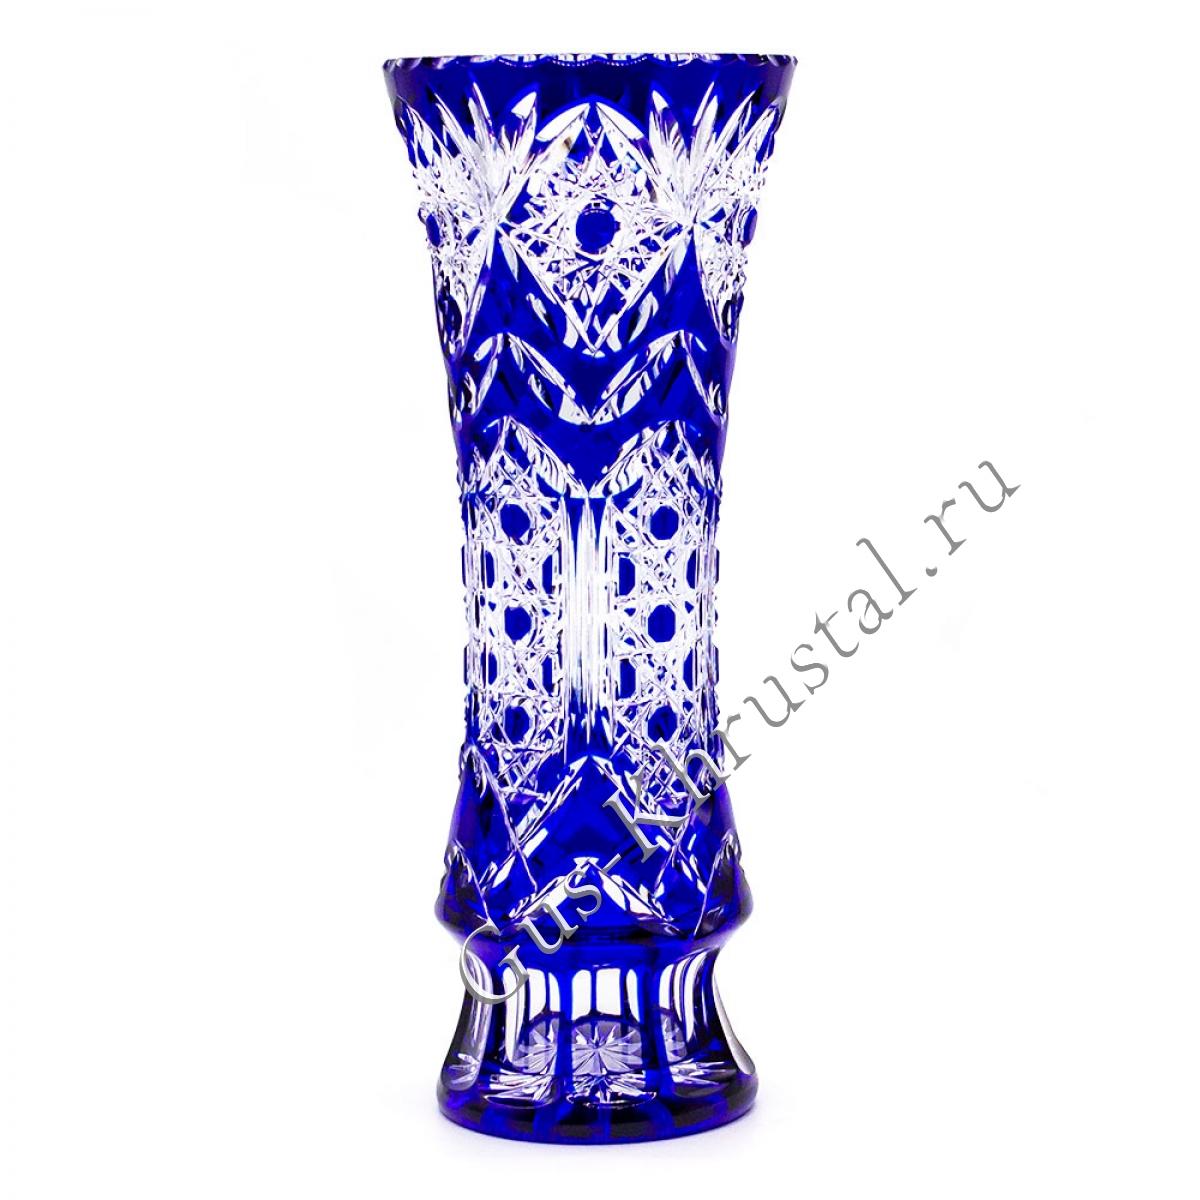 Ваза Хрустальная Для Цветов Синяя Первоцвет